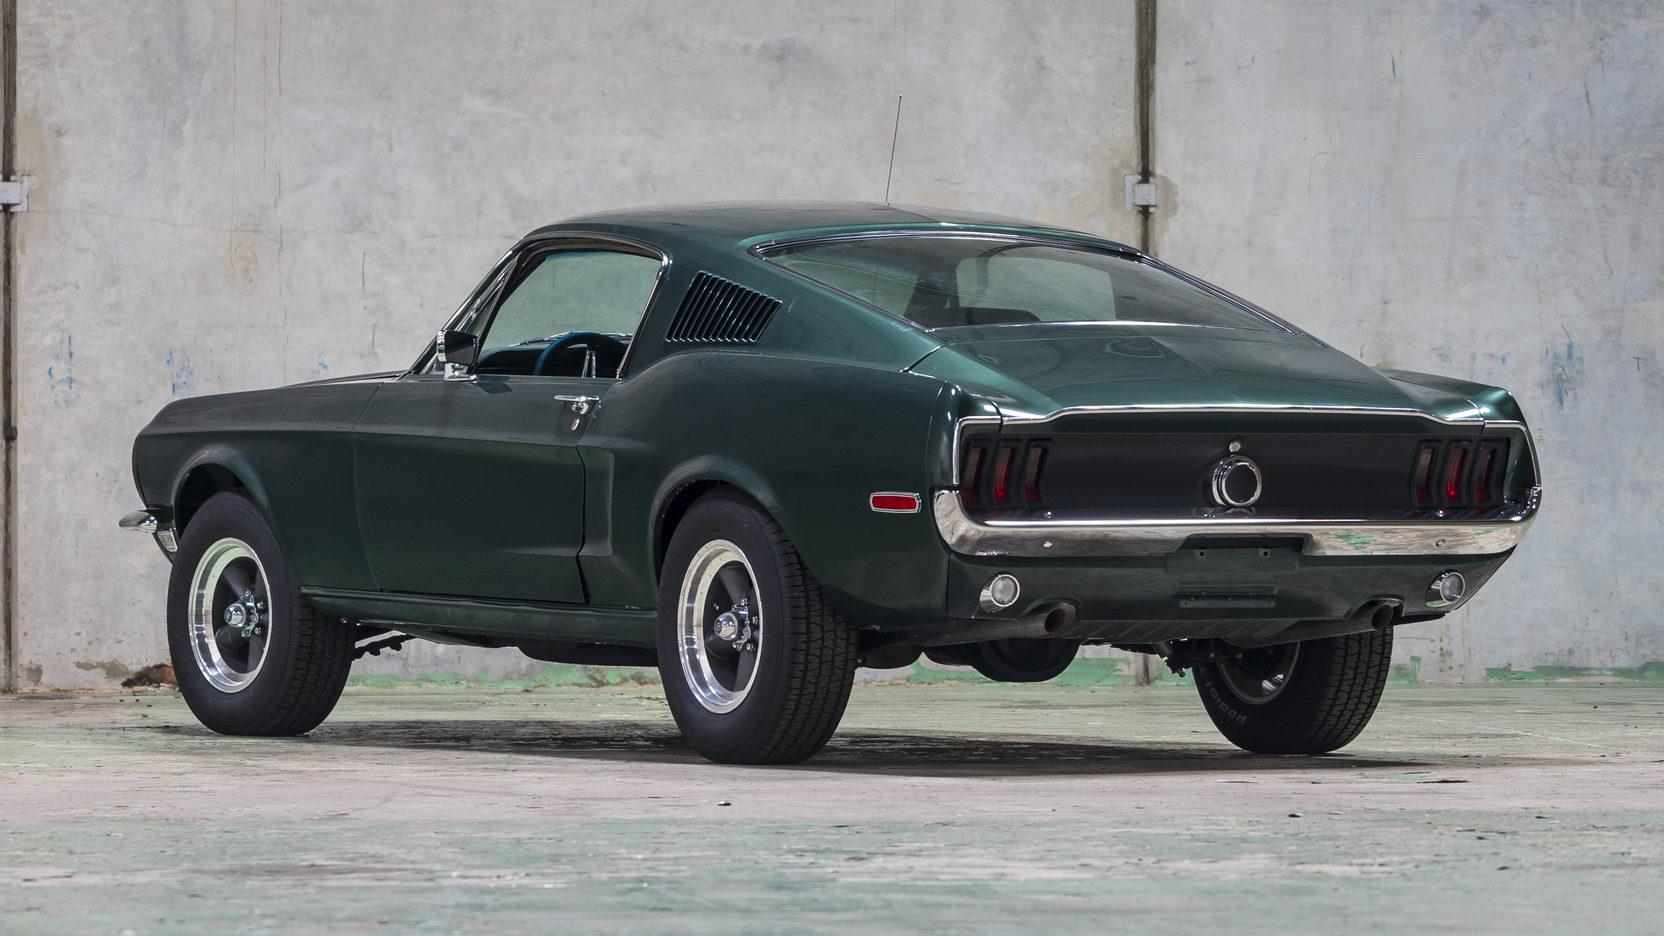 1968-Ford-Mustang-Bullitt-2